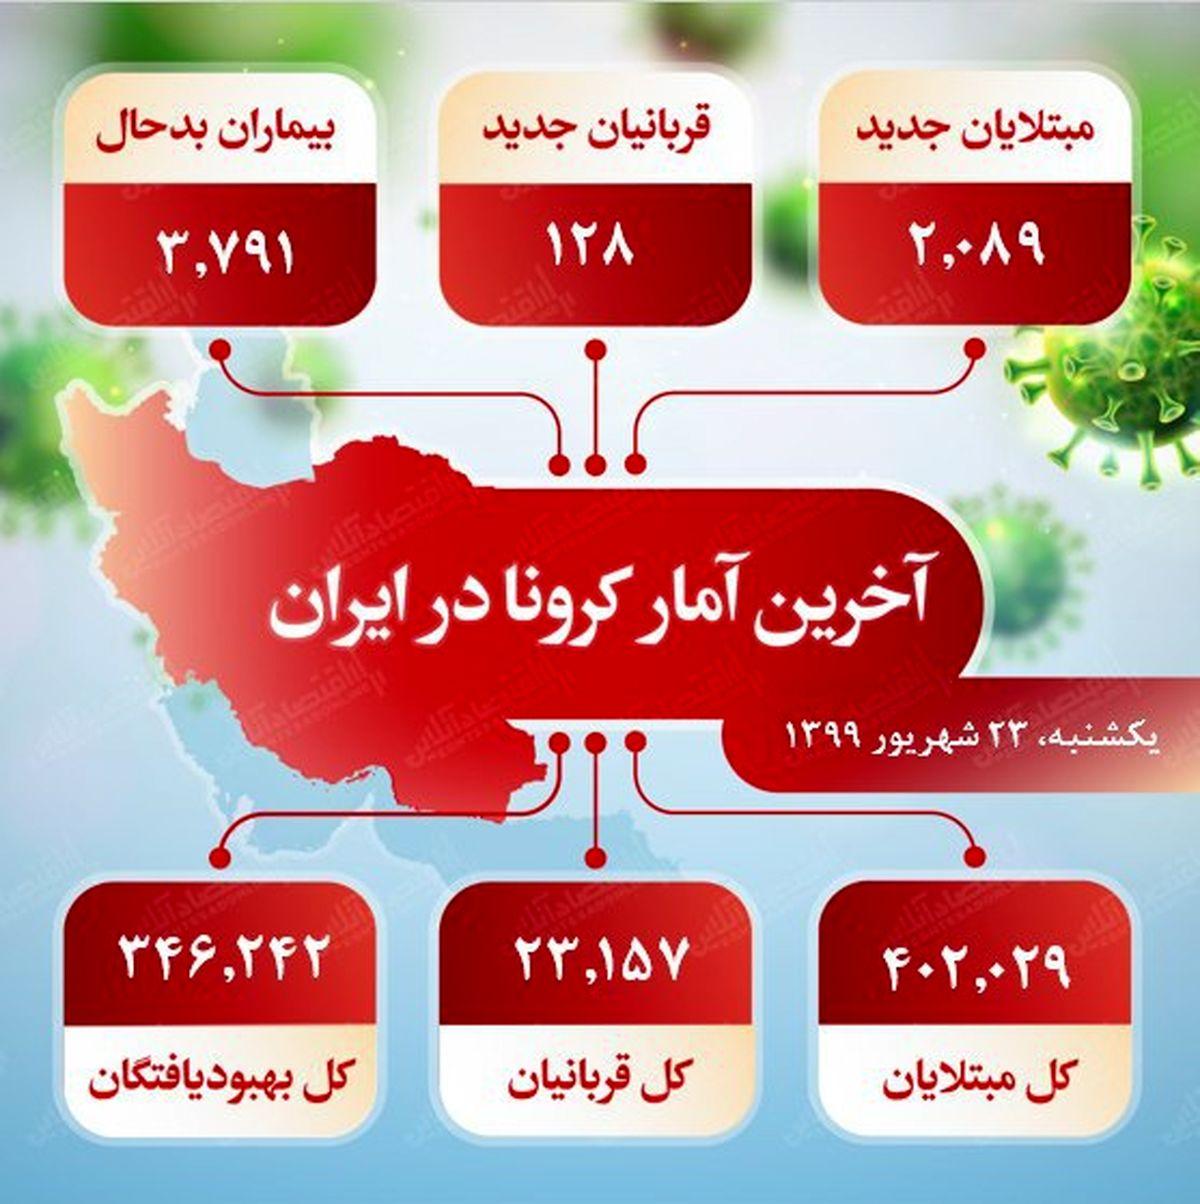 آخرین آمار کرونا در ایران (۱۳۹۹/۶/۲۳)